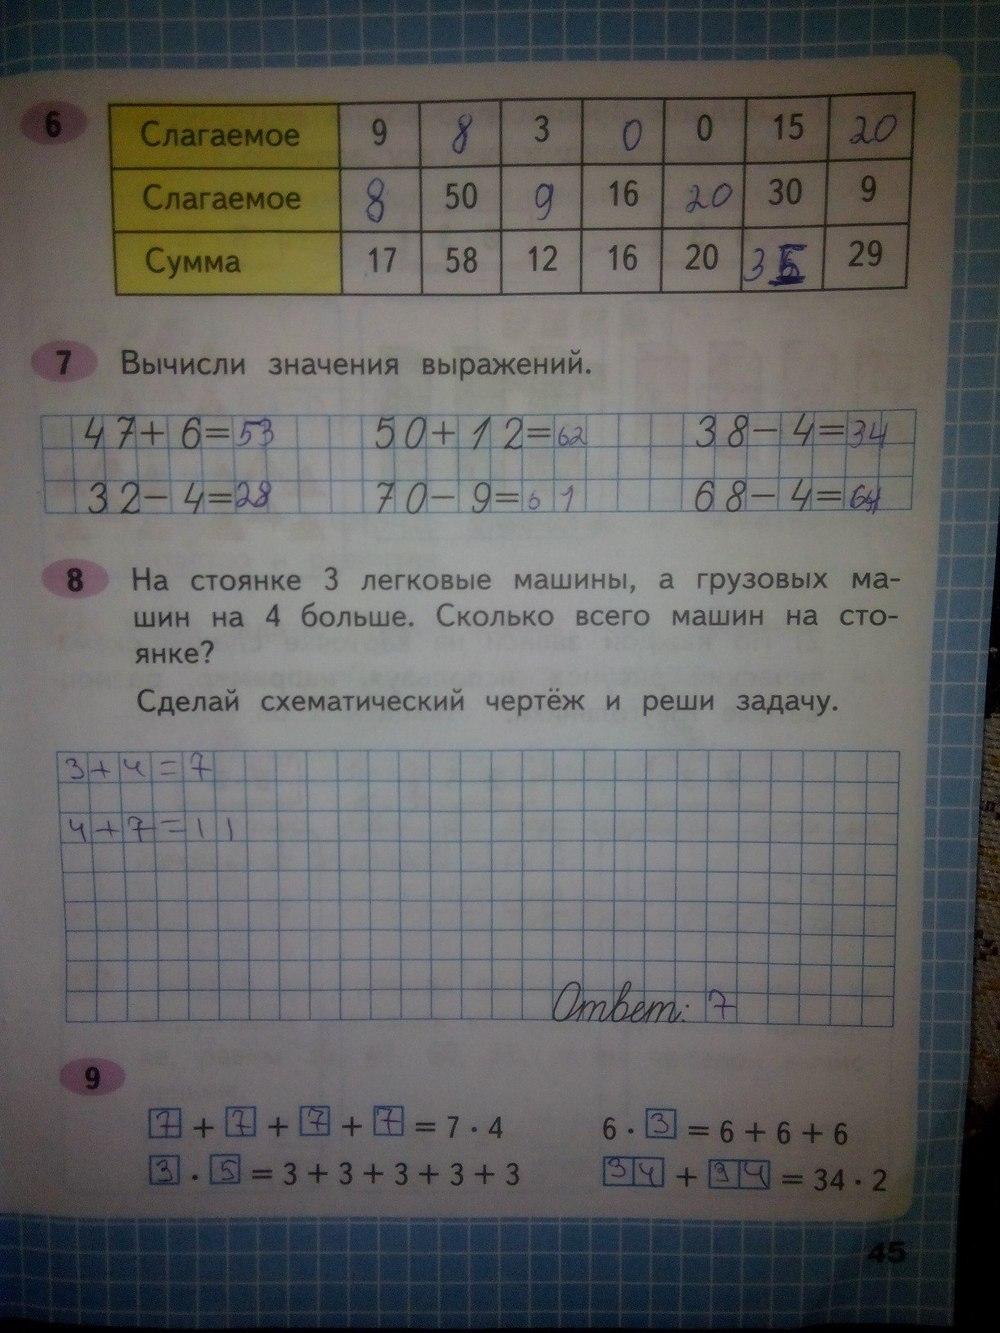 ГДЗ математика 2 класс Моро с 45